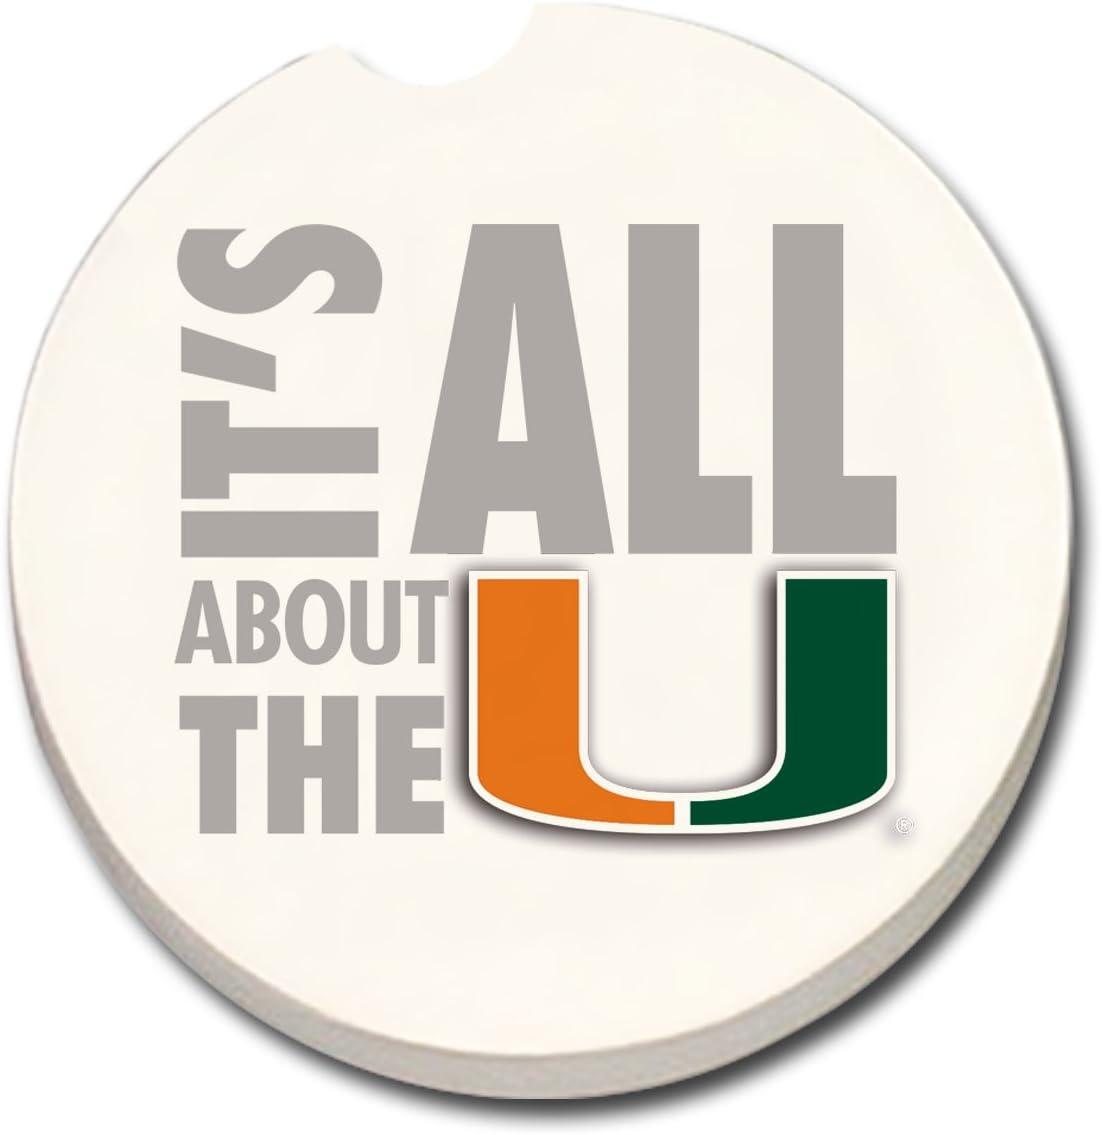 Universidad de Miami ventilador coche posavasos: Amazon.es: Hogar